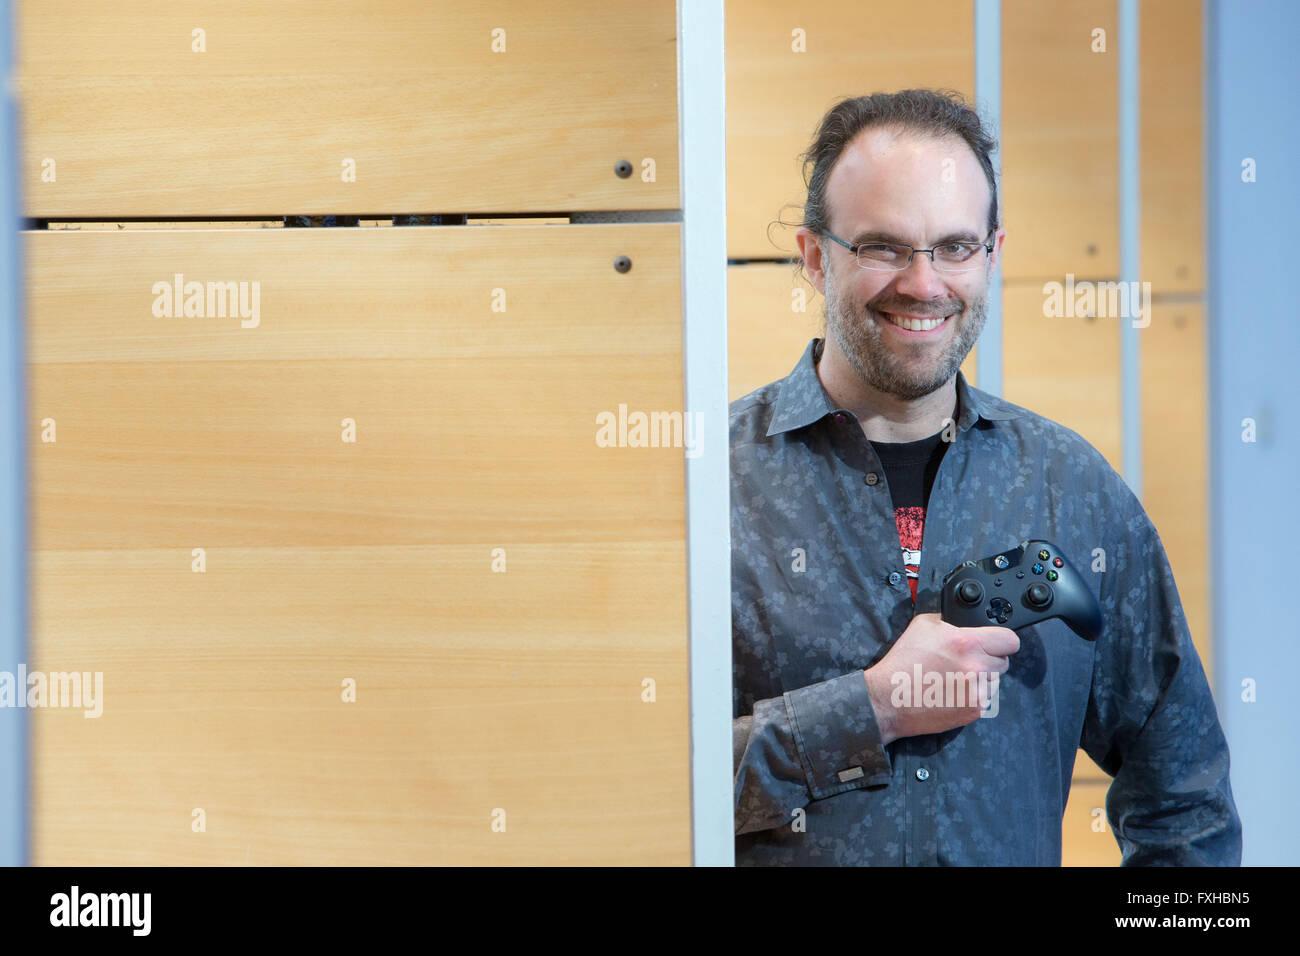 Boyd Multerer - l'homme responsable de Xbox Live, le service de jeu et de divertissement aujourd'hui utilisé Photo Stock